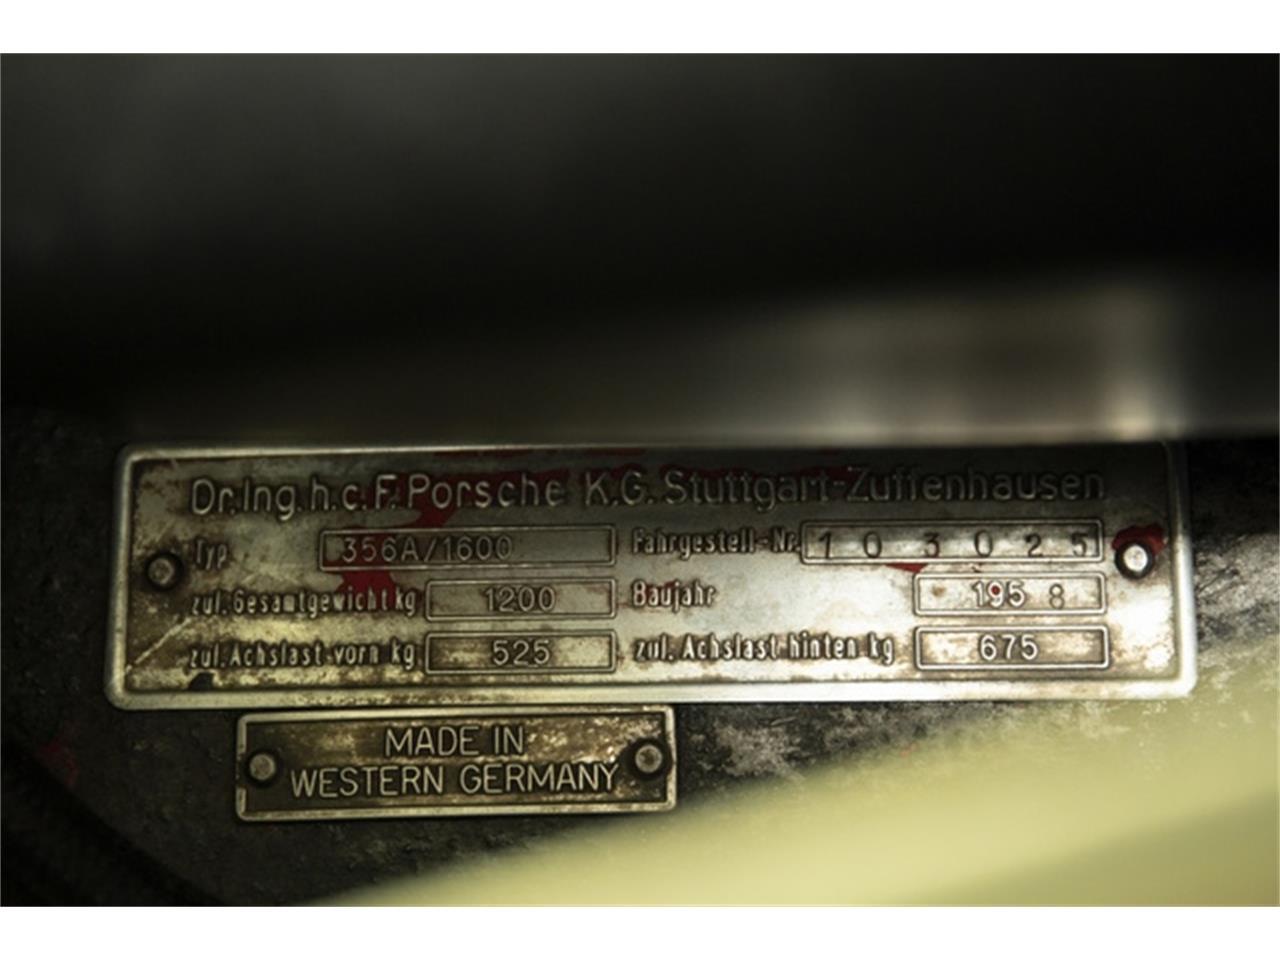 1958 Porsche 356 (CC-1210350) for sale in Pleasanton, California